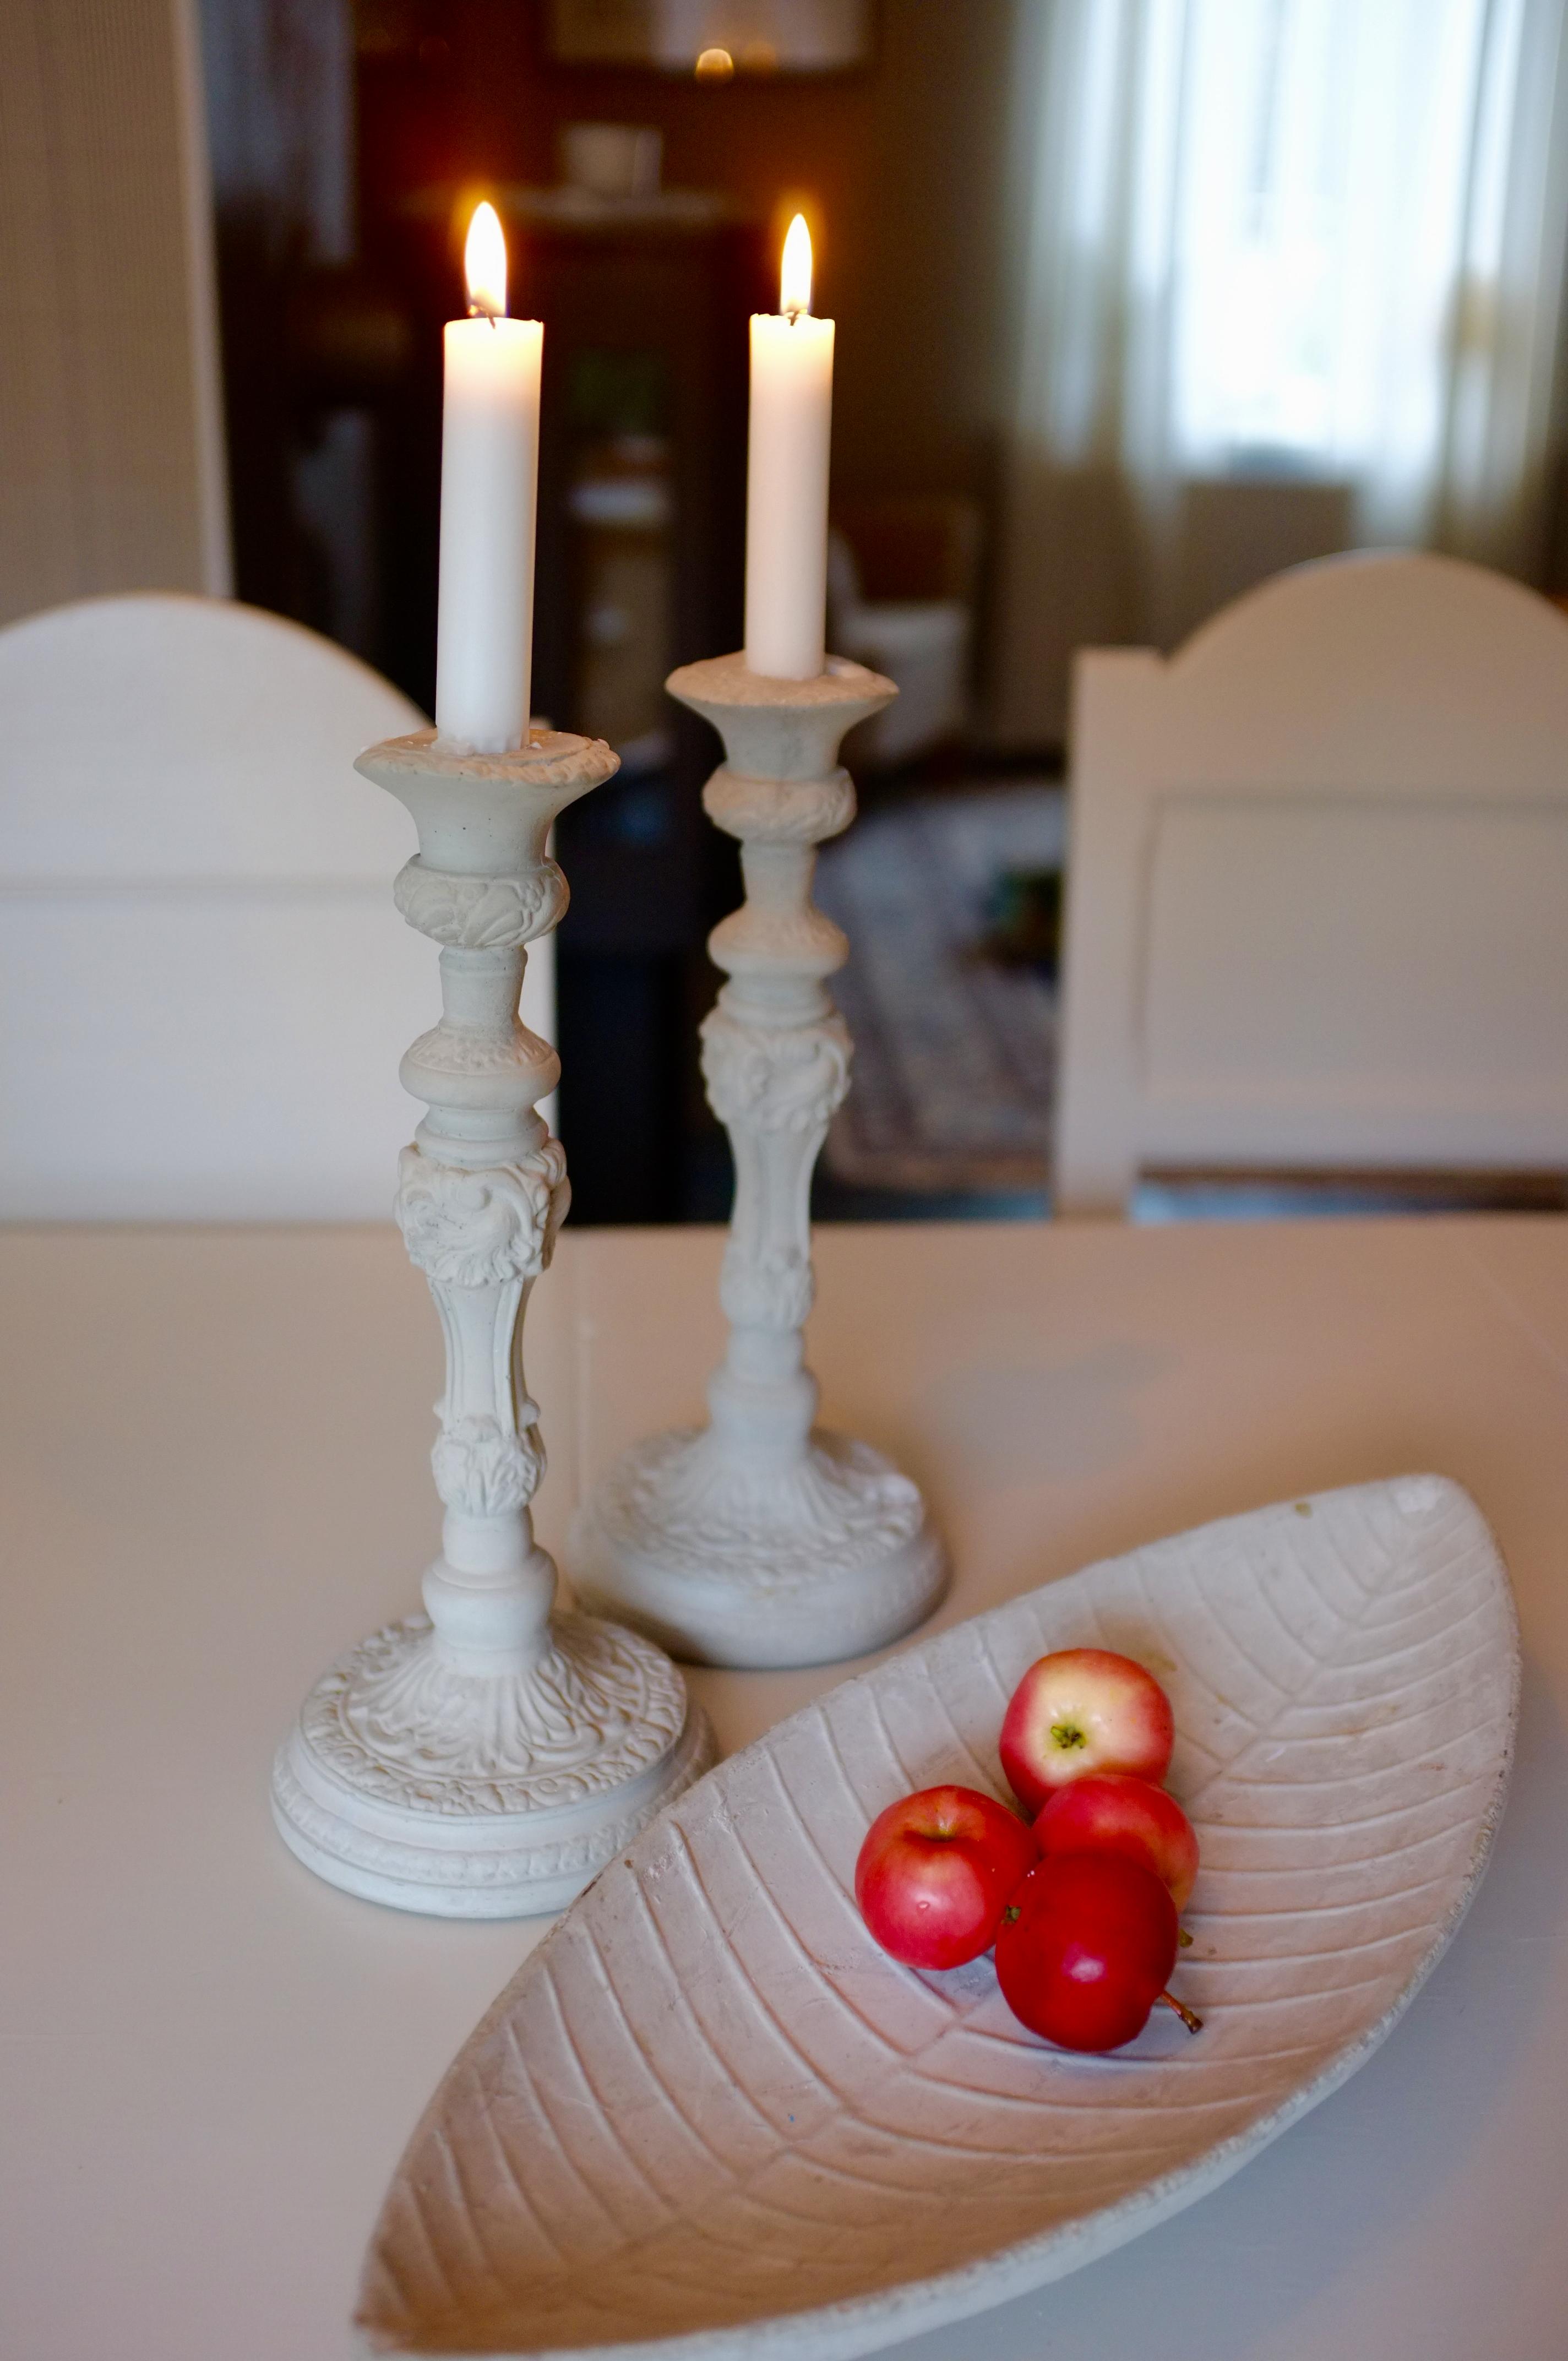 Ljusstakar av Tove Adman och röda äpplen från trädgården